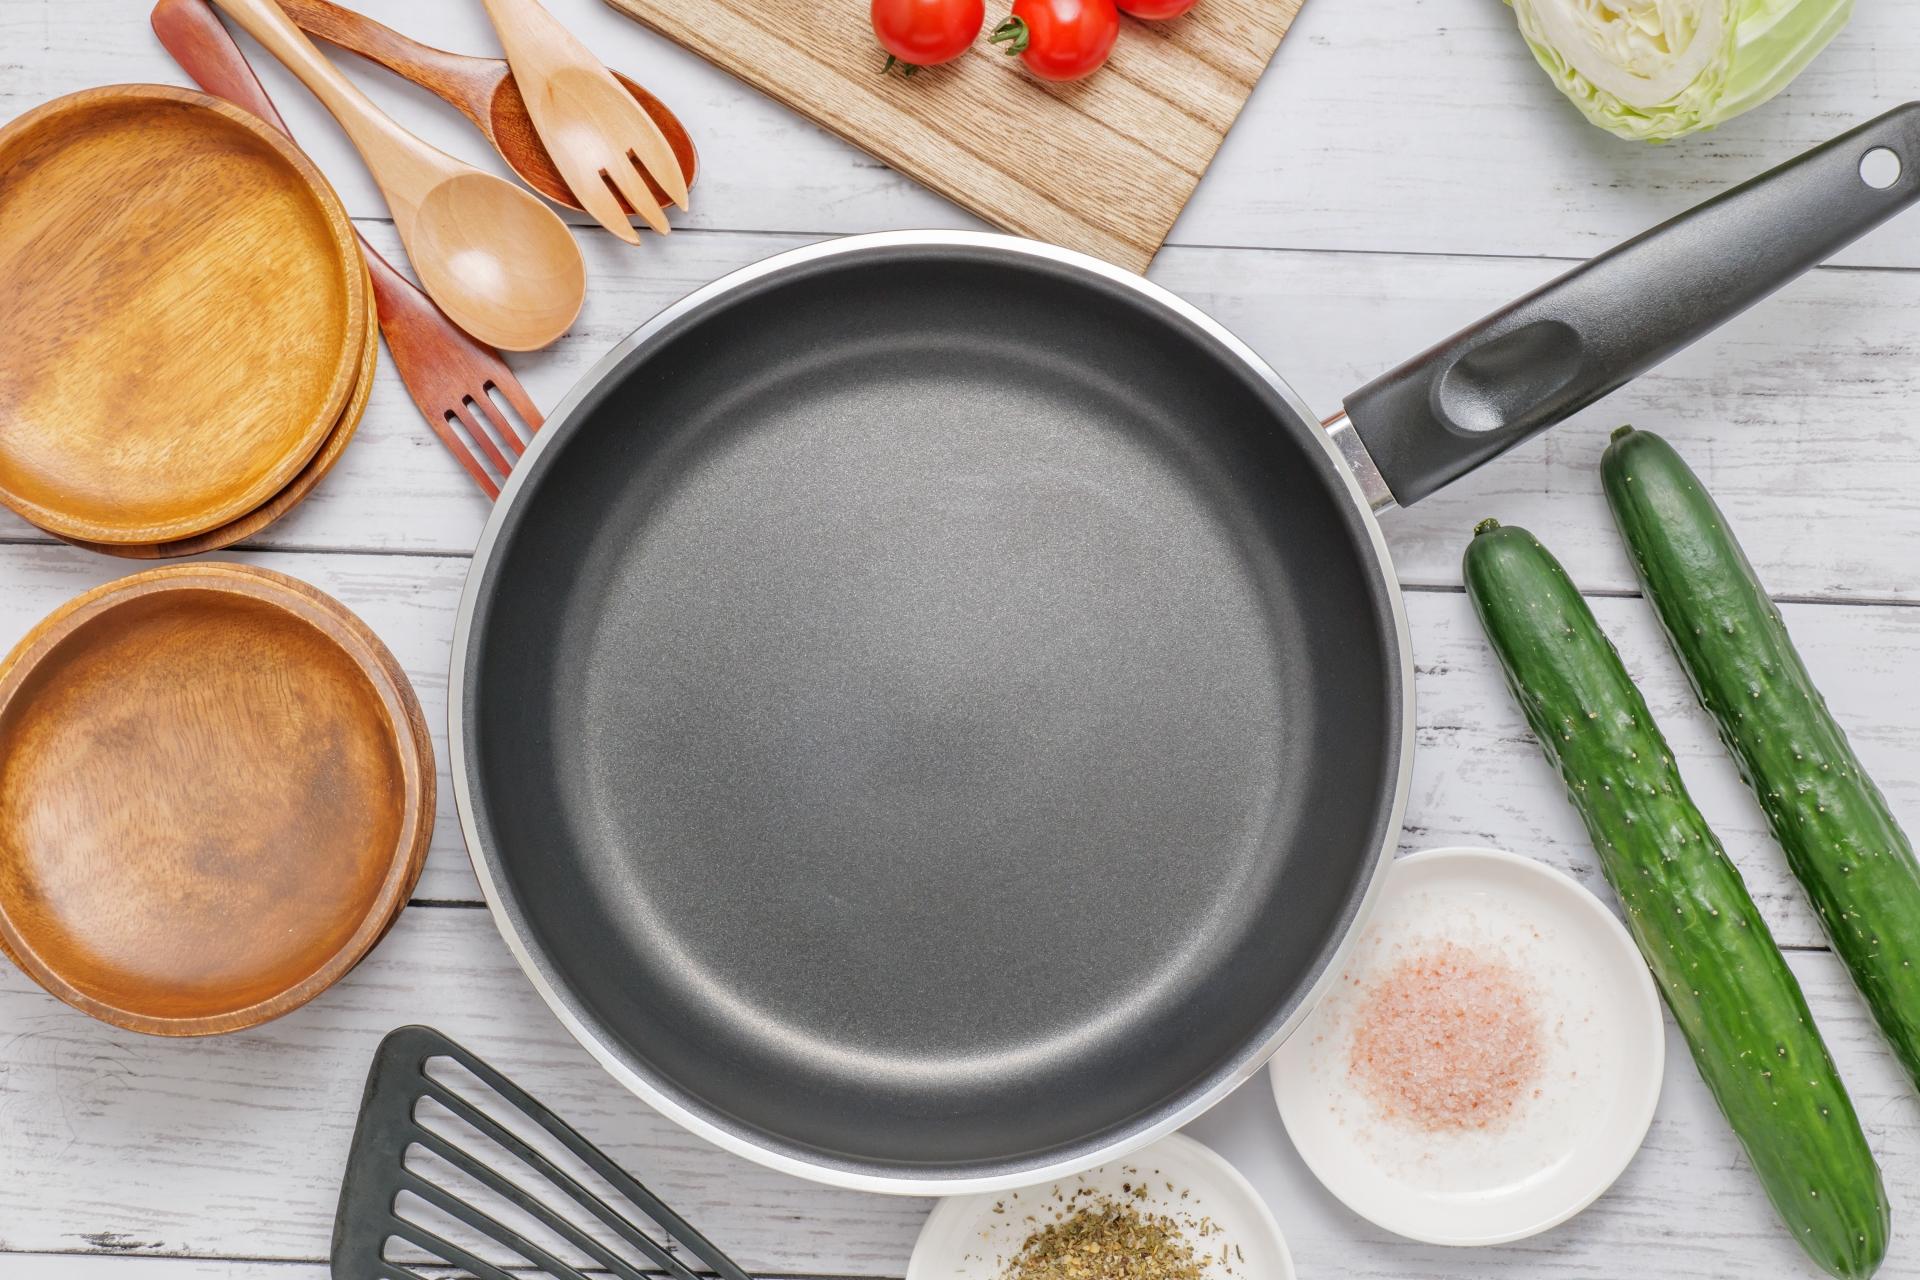 買ってよかった!日々の料理を時短できる、便利な調理器具おすすめ5選!